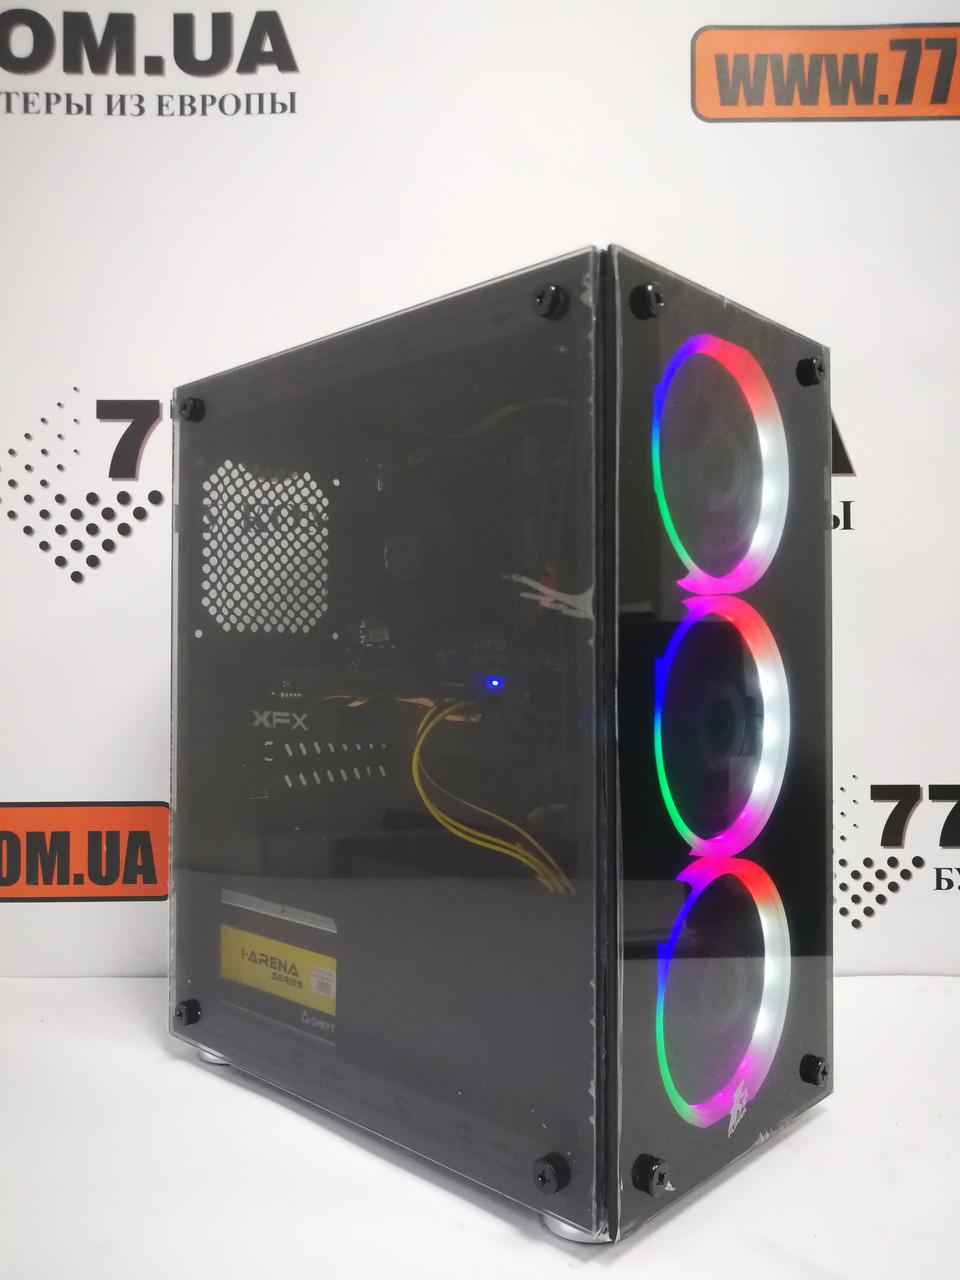 Игровой компьютер Intel Core i5-4570 (4 ядра), RAM 8ГБ, SSD 120ГБ, 500ГБ HDD, RX 580 8GB, 6 мес. гарантии, фото 1